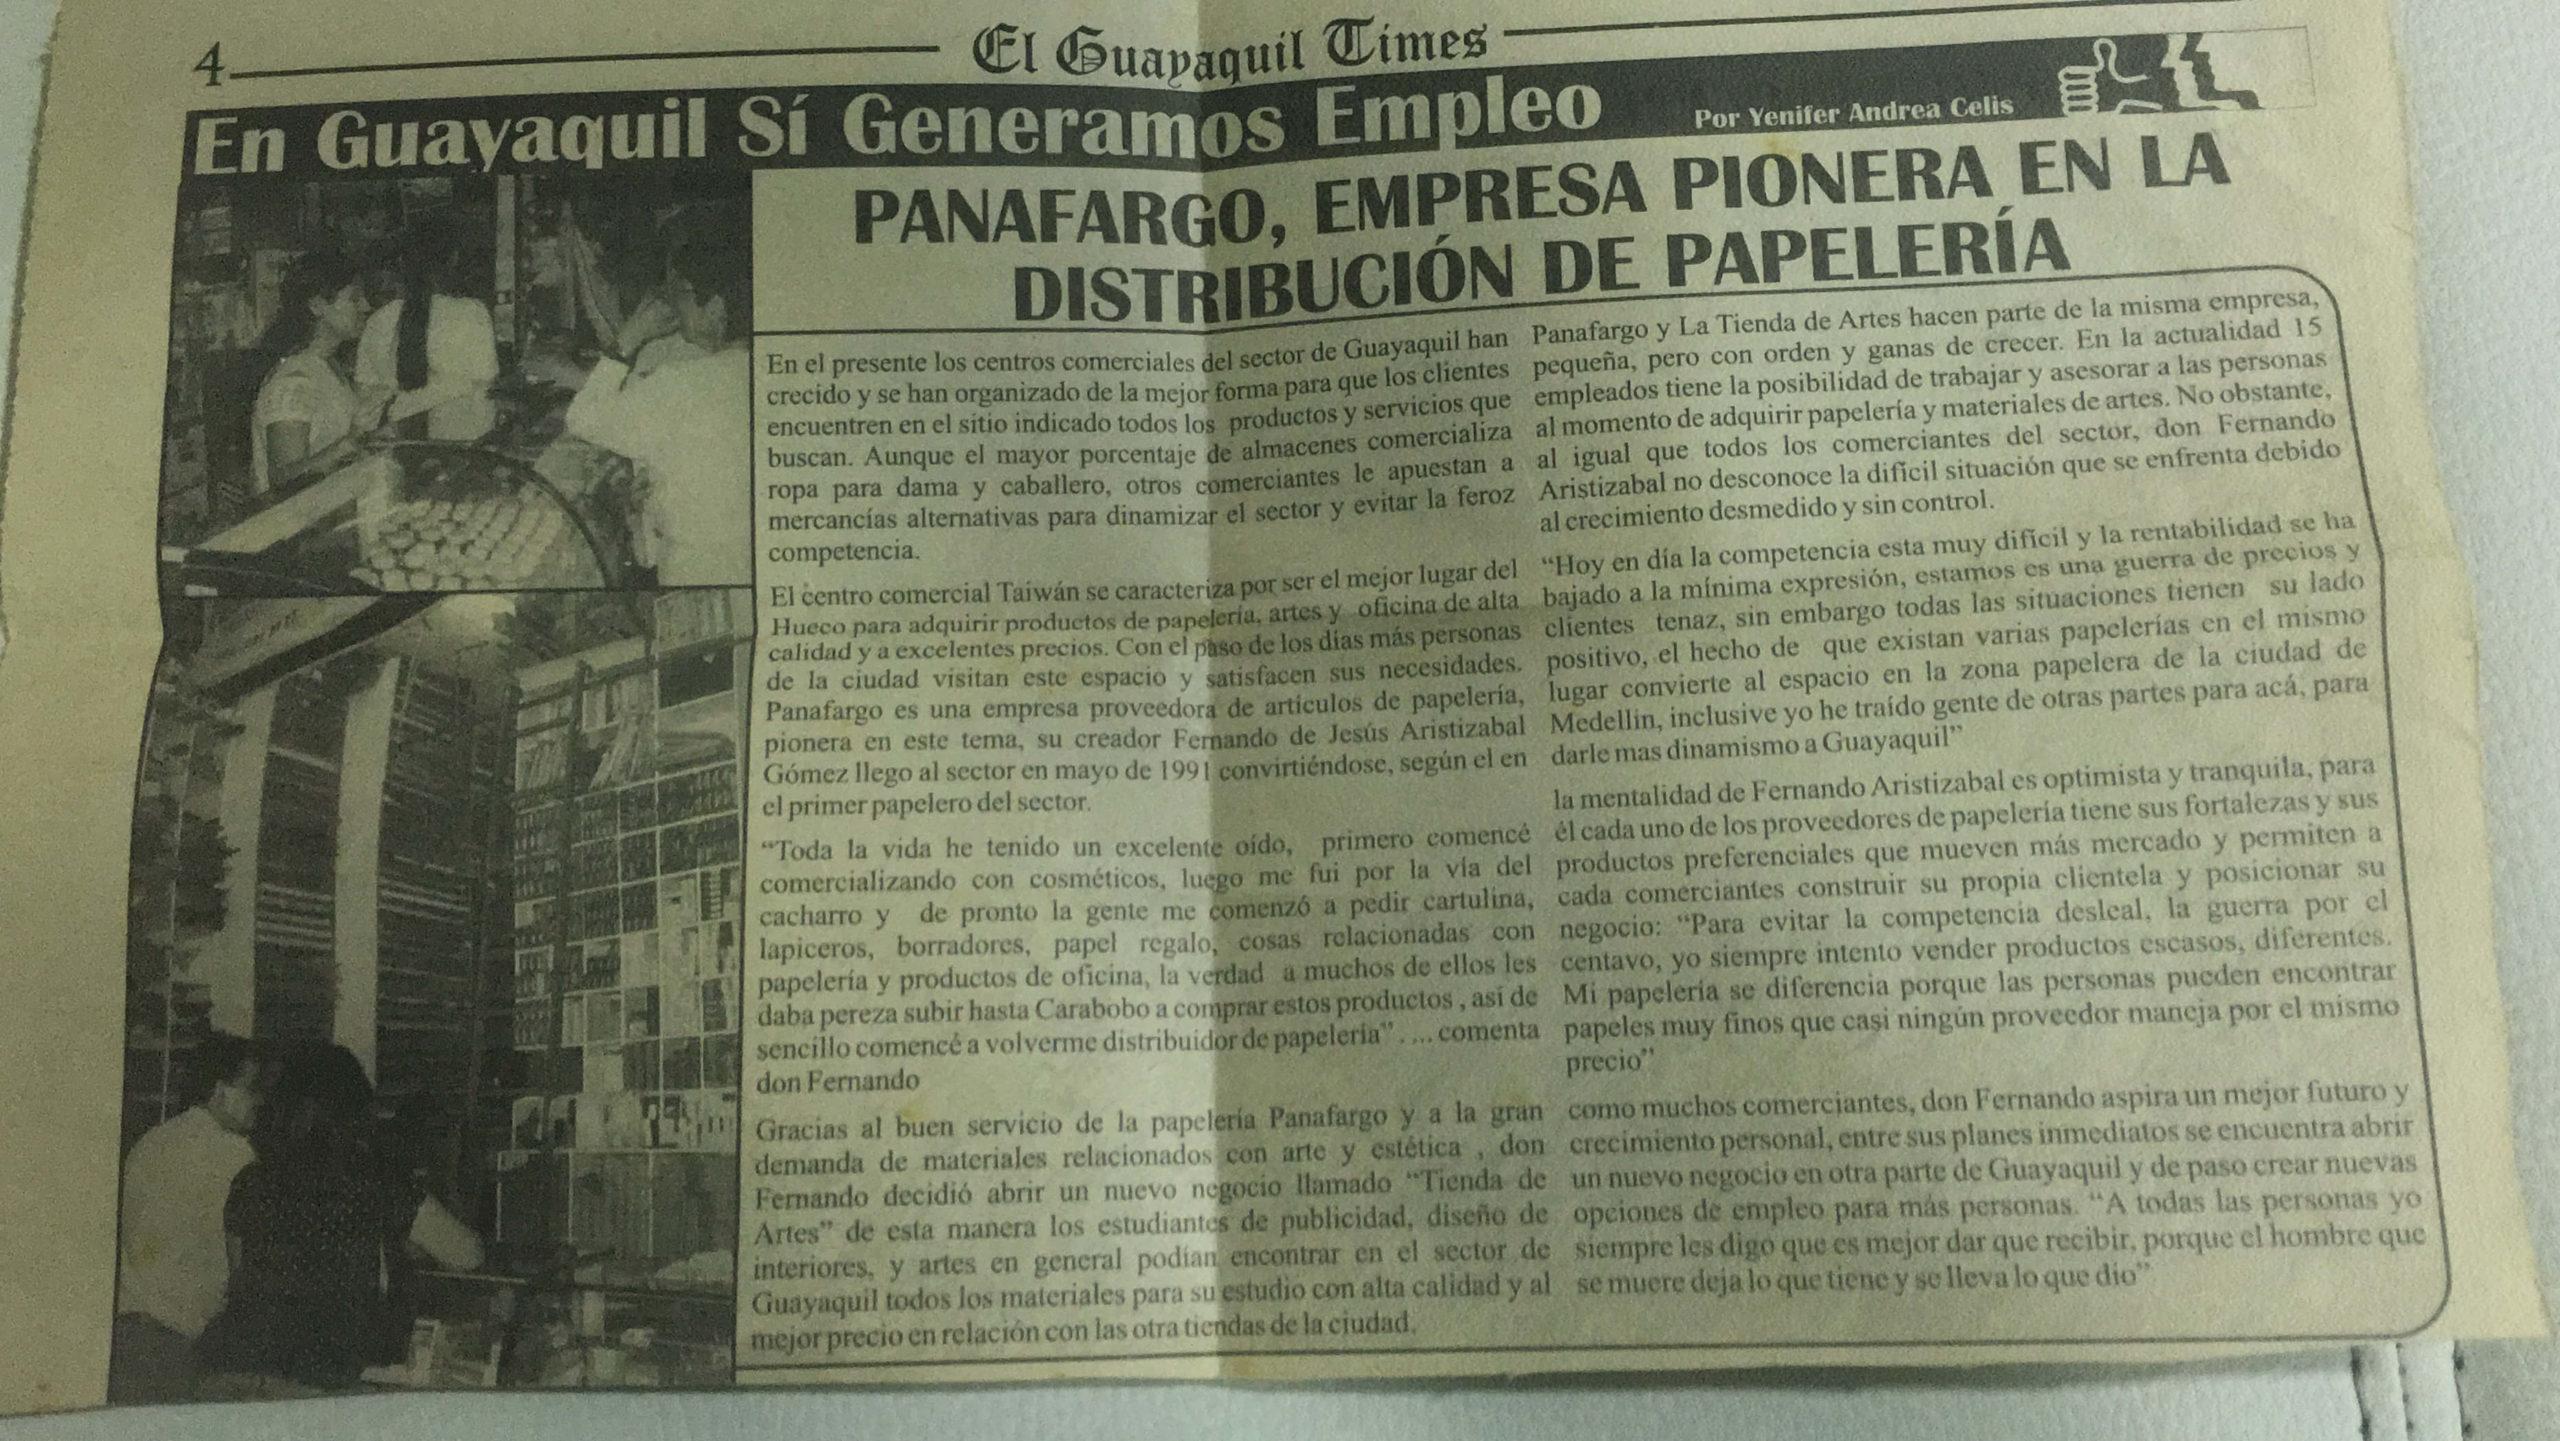 Papeleria en Medellin entrevista Fernando en Guayaquil Times